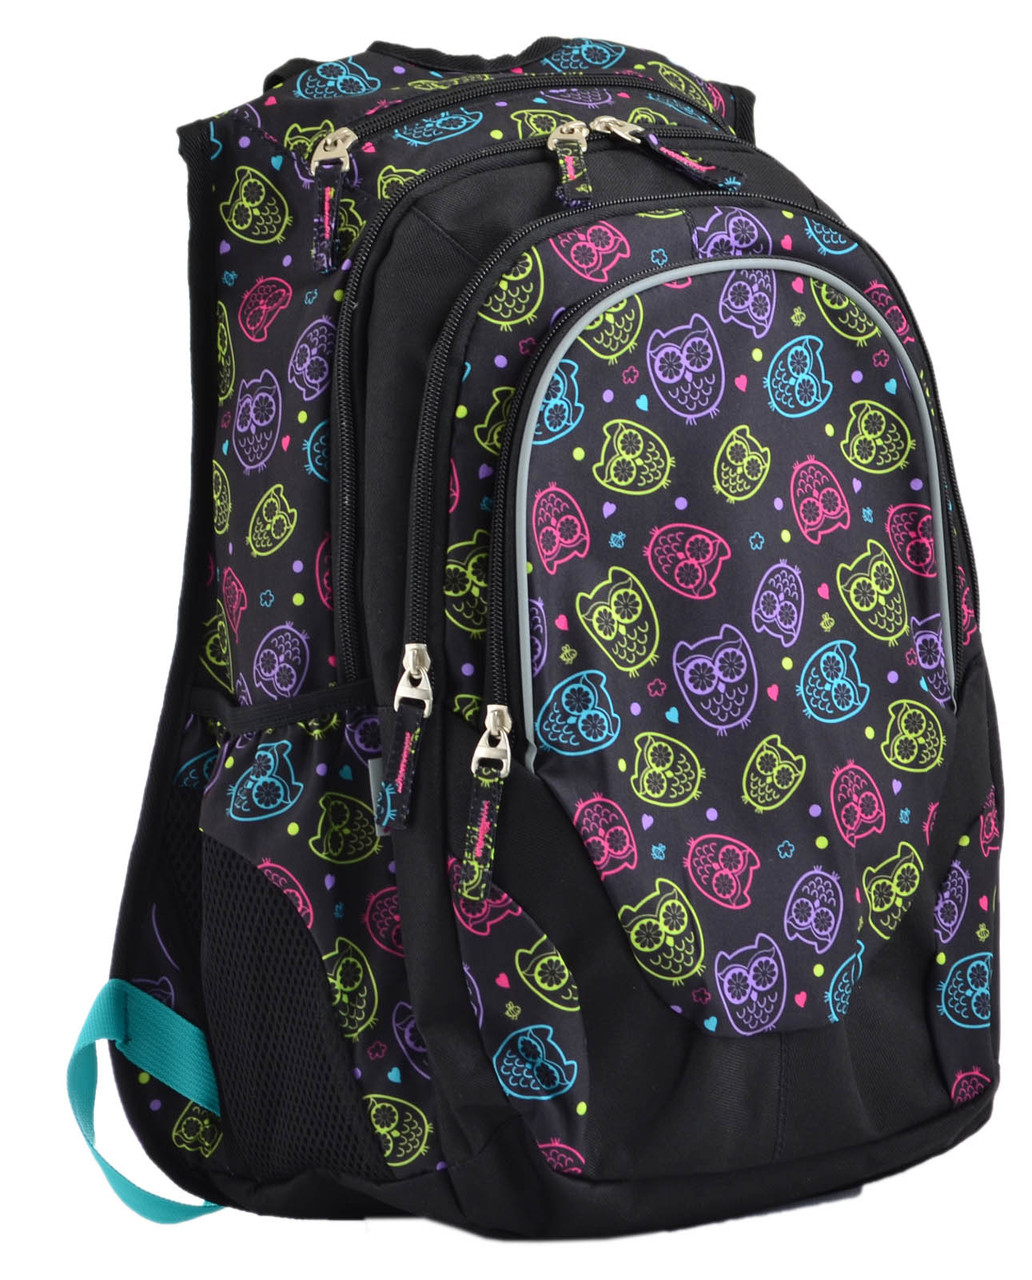 Рюкзак молодежный Т-27 OWLS, 46*37*20